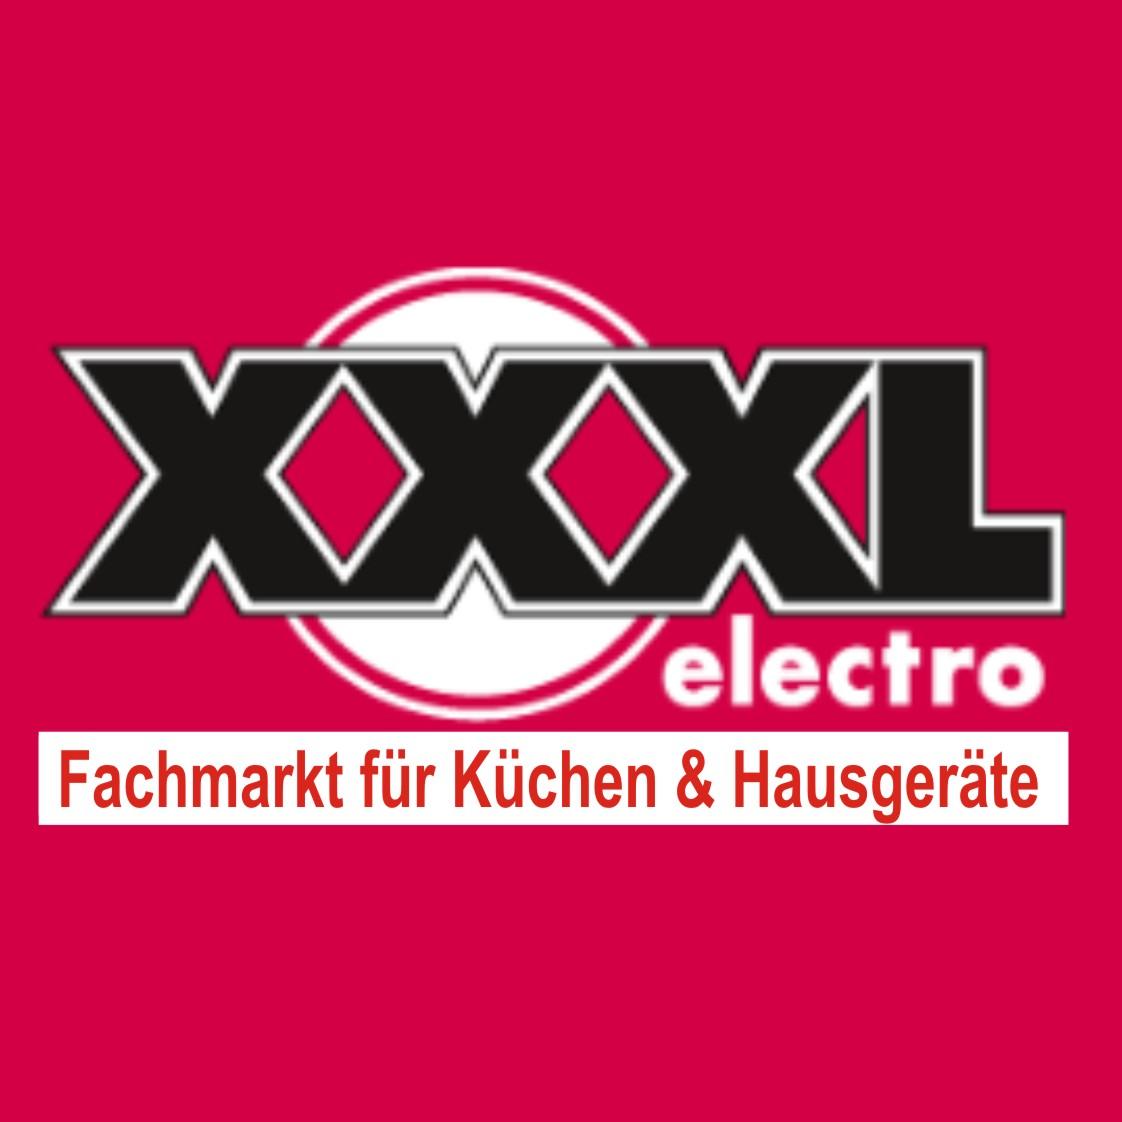 xxxl electro